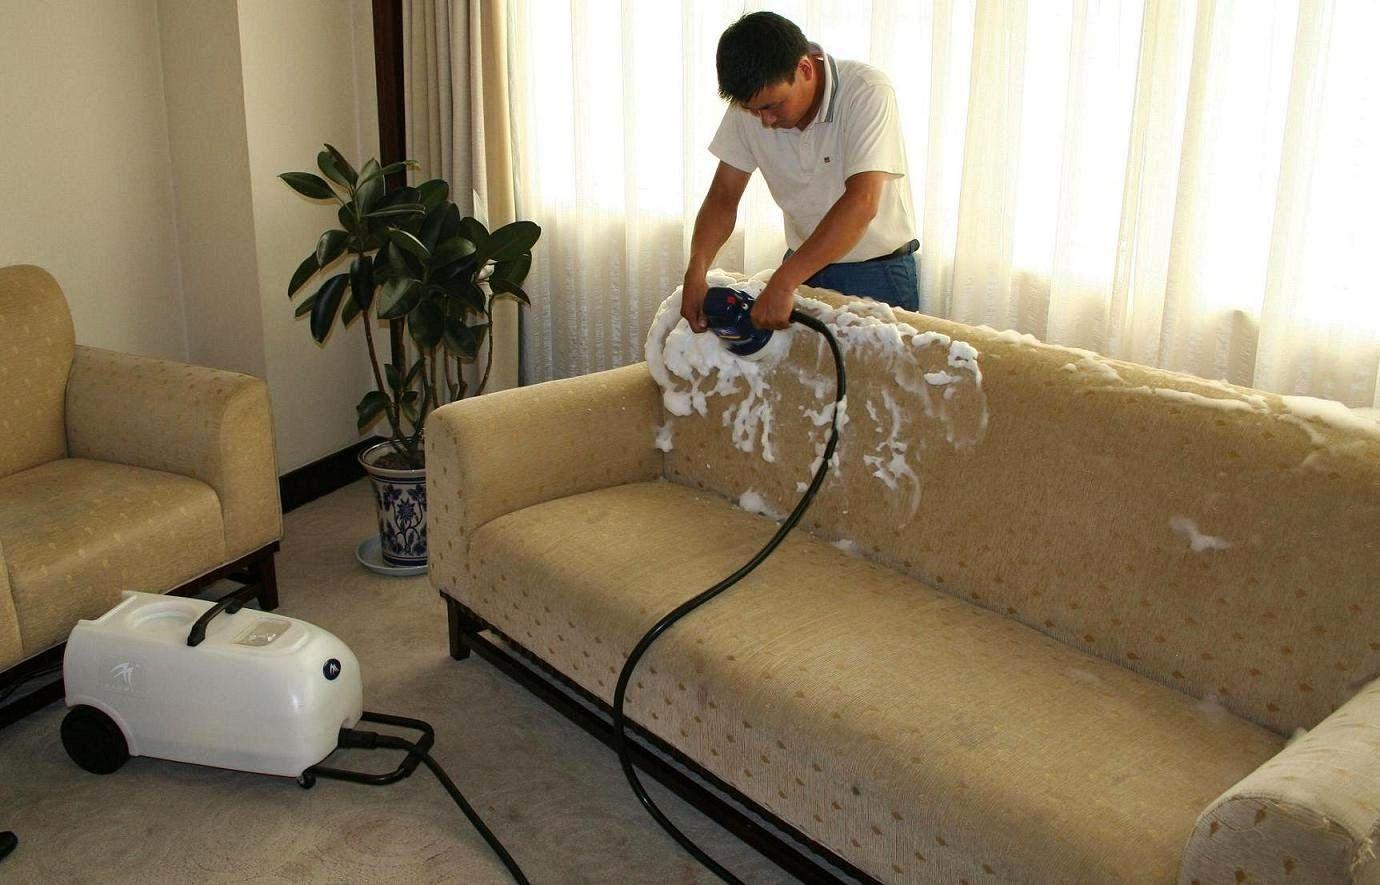 شركة تنظيف مجالس بالدمام Clean Sofa Clean Couch How To Clean Carpet